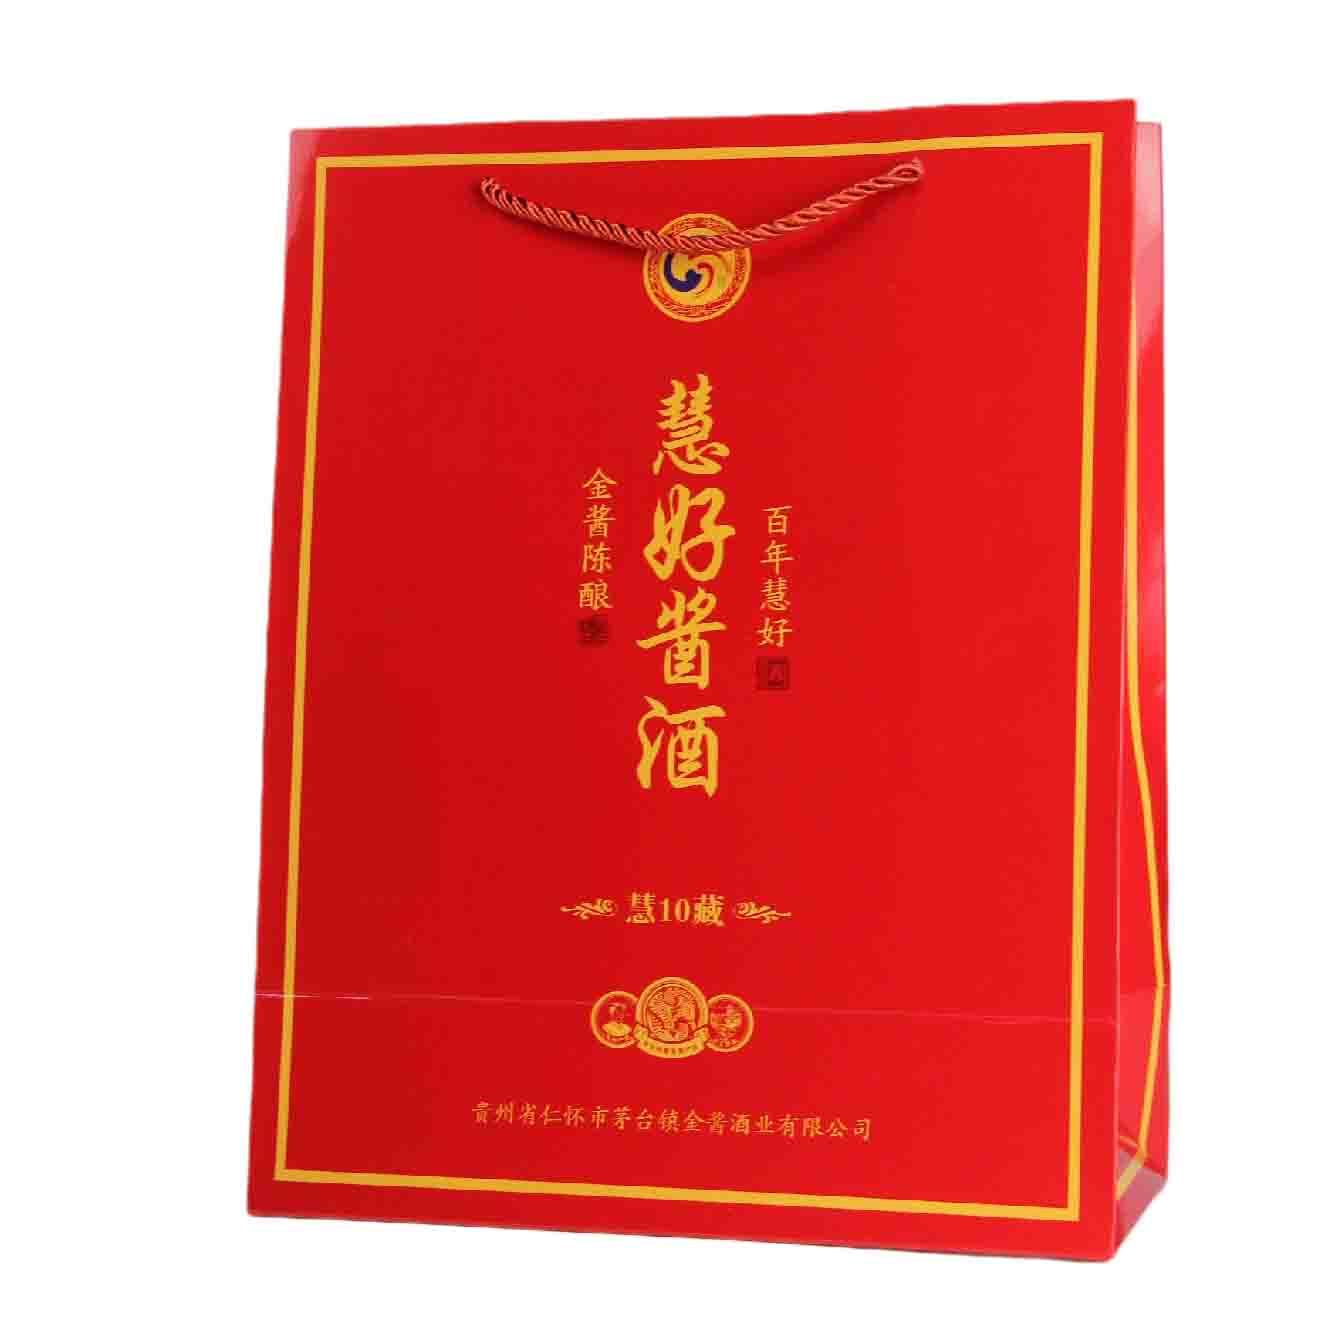 中国贵州茅台镇慧好酱酒红酱香型白酒